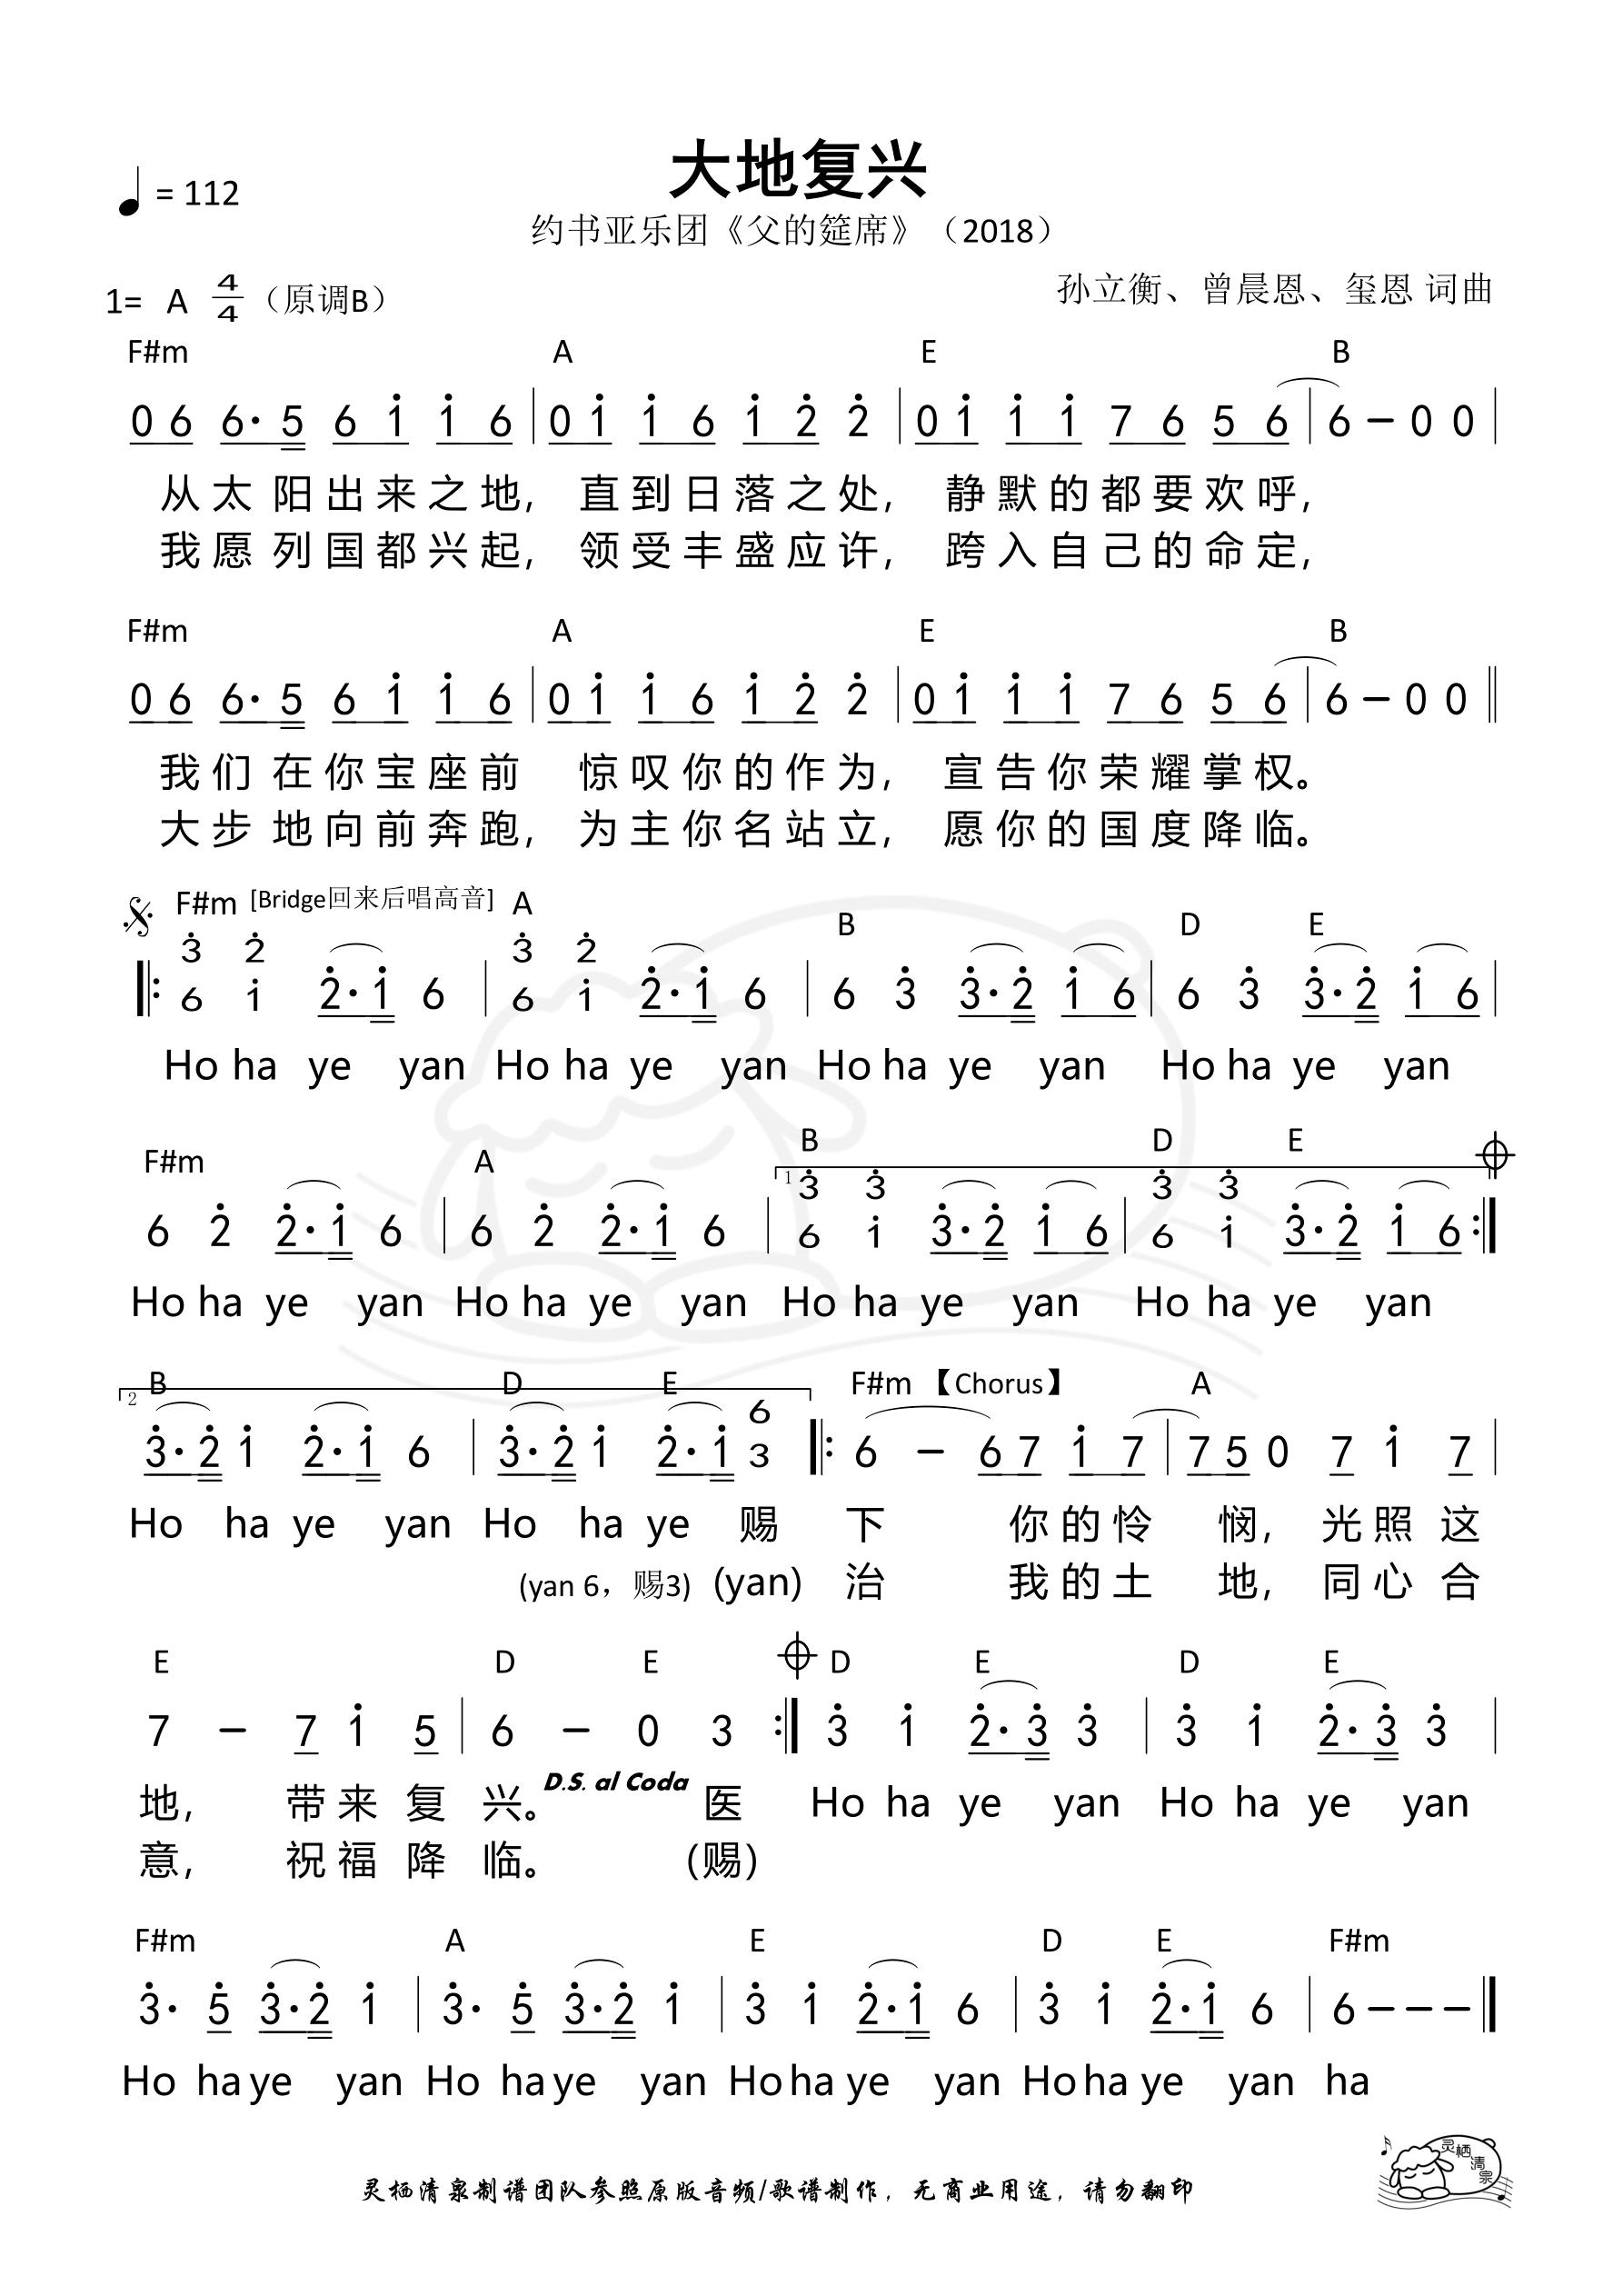 《第172首 - 大地复兴 和弦简谱》